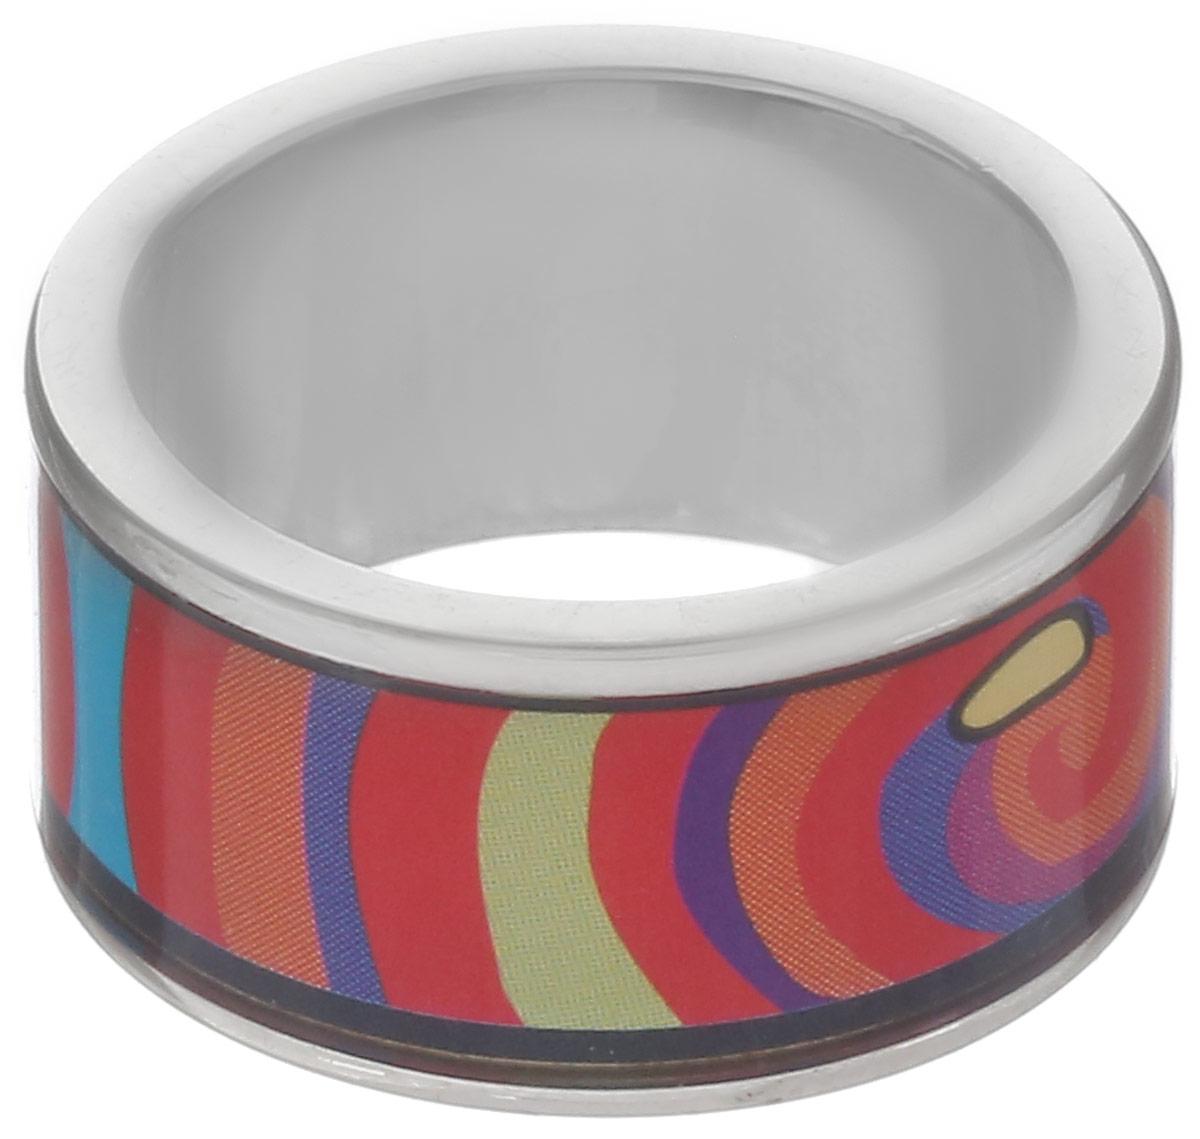 Кольцо Art-Silver, цвет: серебристый, красный, синий. ФК115-1-320. Размер 18,5ФК115-1-320Стильное кольцо Art-Silver изготовлено из бижутерного сплава. Изделие оформлено оригинальным принтом и покрыто эмалью. Стильное кольцо придаст вашему образу изюминку и подчеркнет индивидуальность.